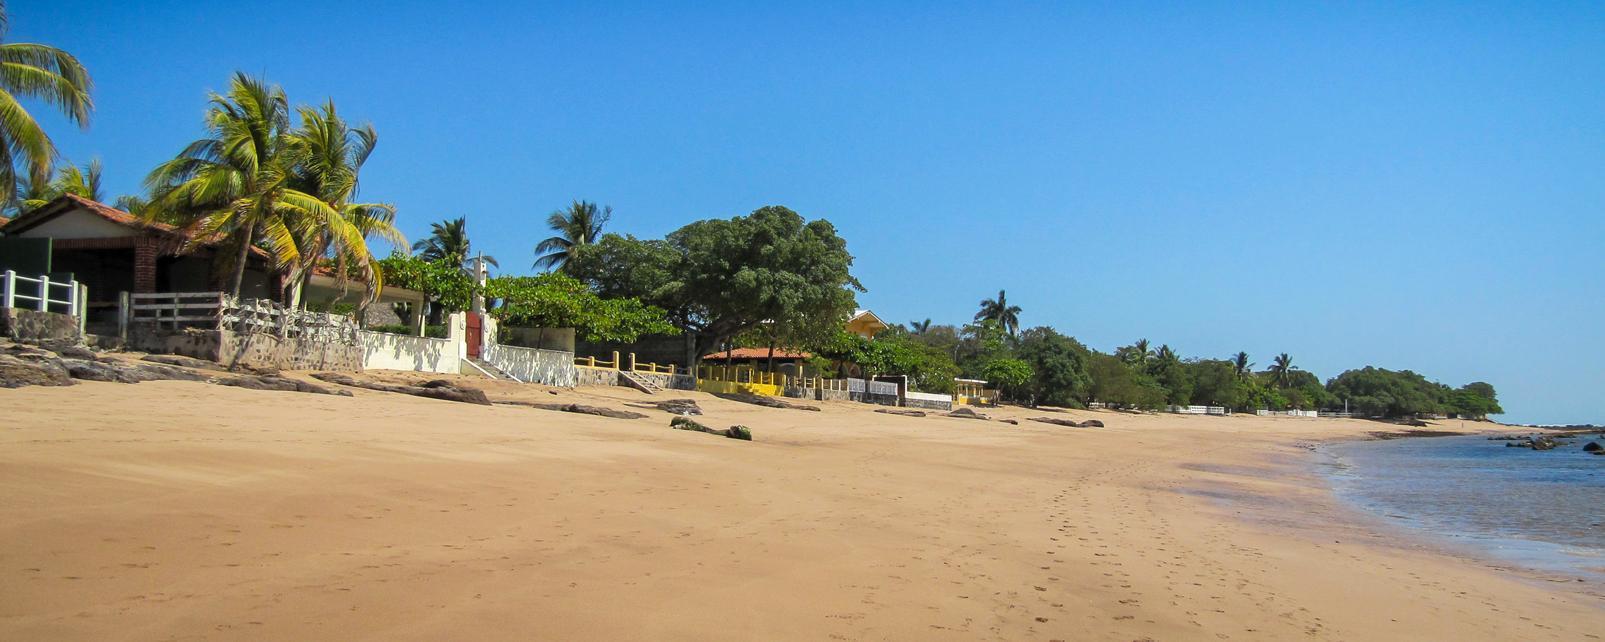 El Salvador spiaggia programma TV online di vacanza 2017 Guarda stasera su viblix tvweb e LaTV Dei Viaggi canale in streaming video gratis